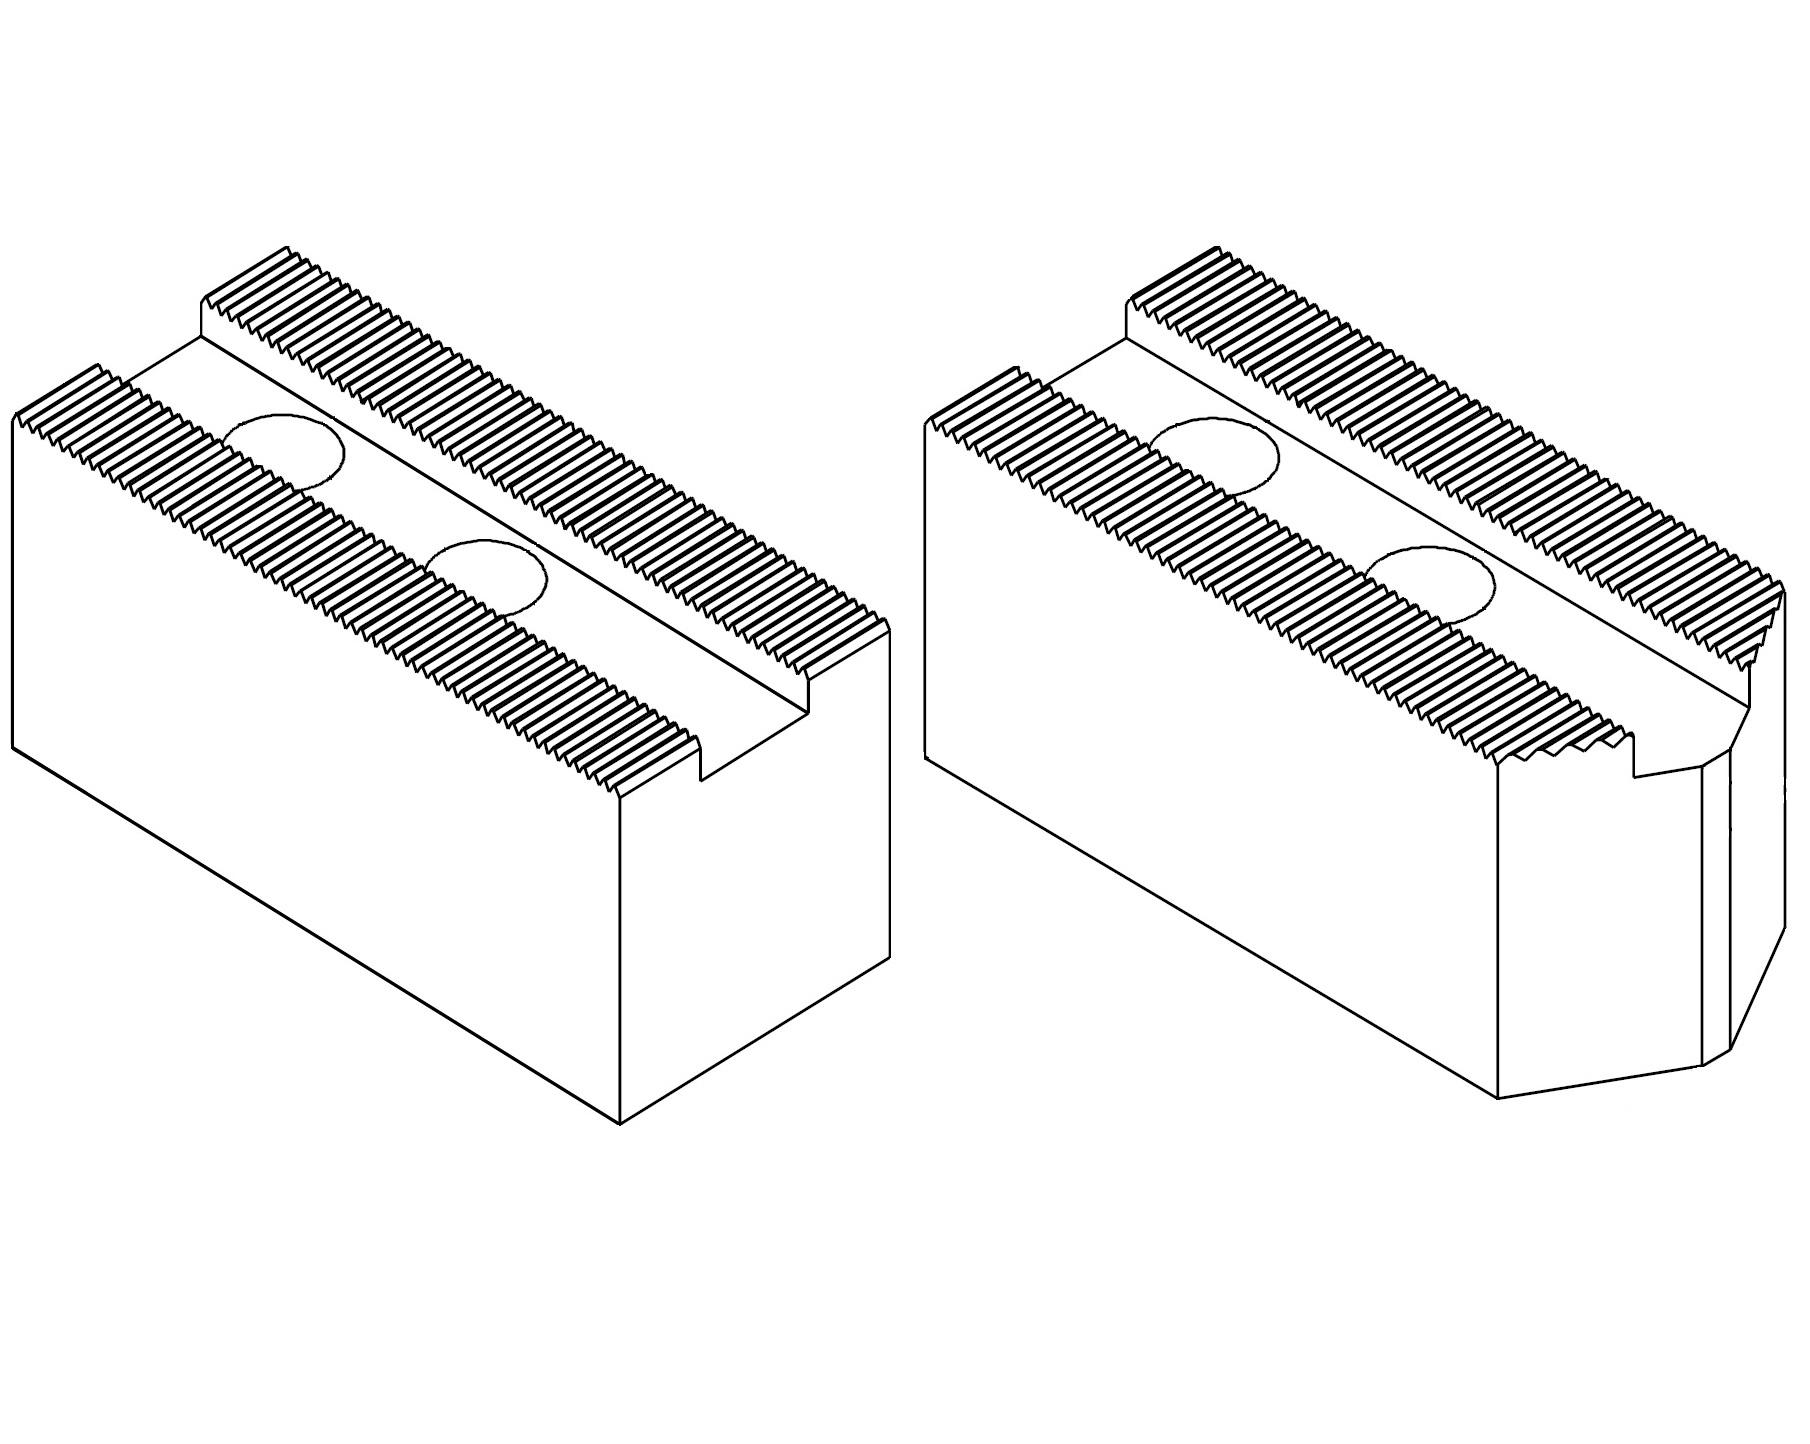 Čelisti měkké 3x60°, šířka drážky - 25,5 mm